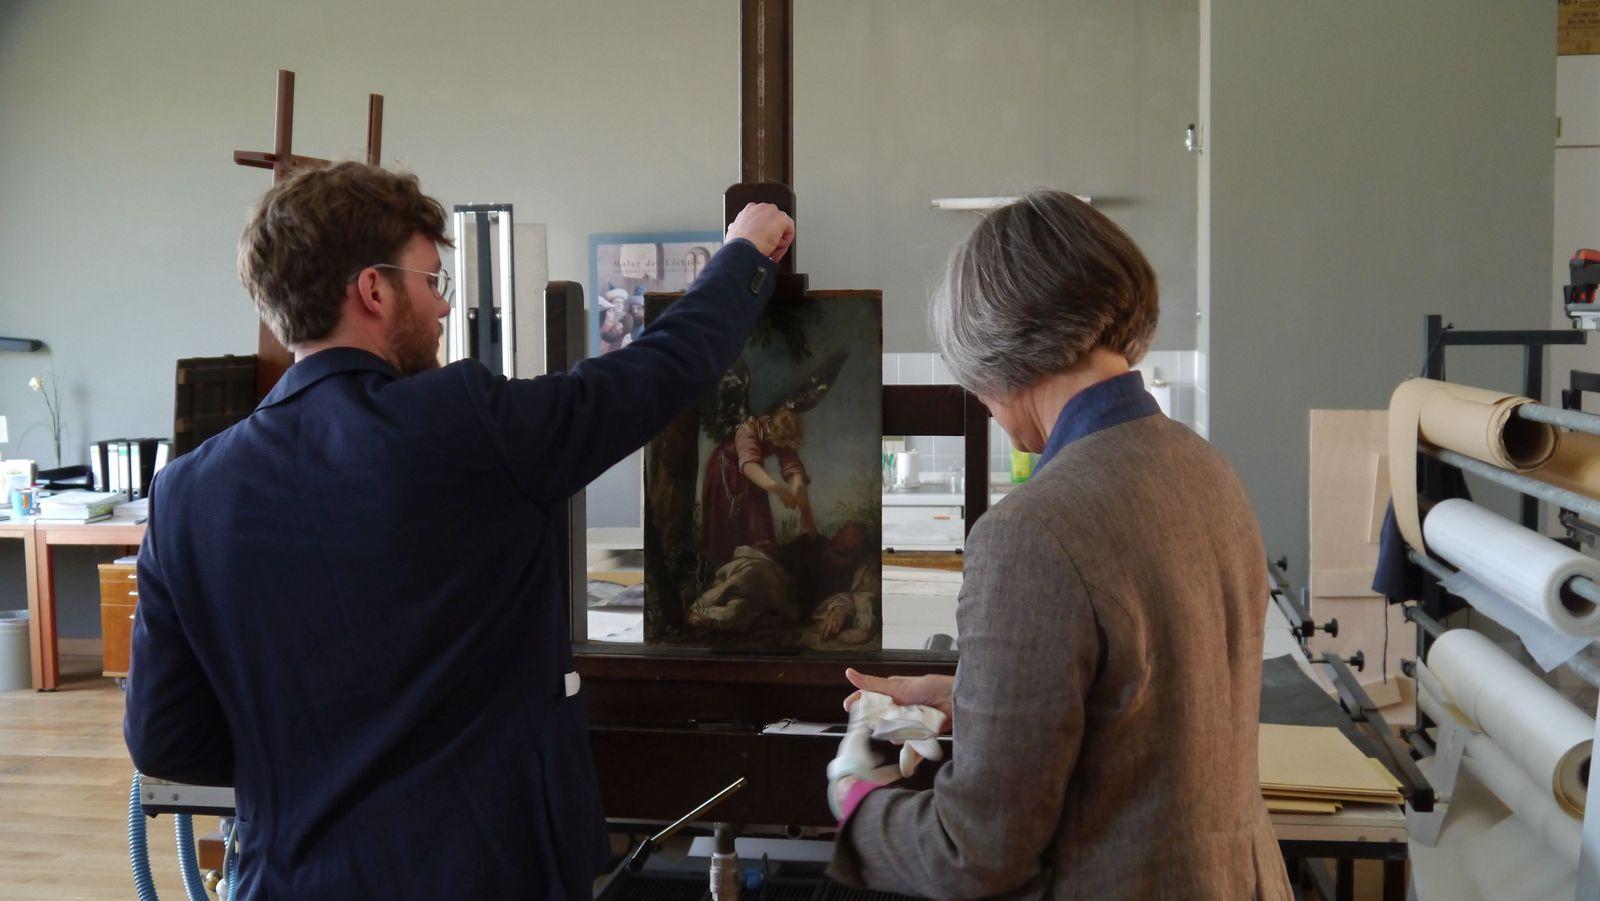 Um interessante Indizien auf der Rückseite zu zeigen, wird das Gemälde umgedreht. Foto: SMB / Sven Stienen